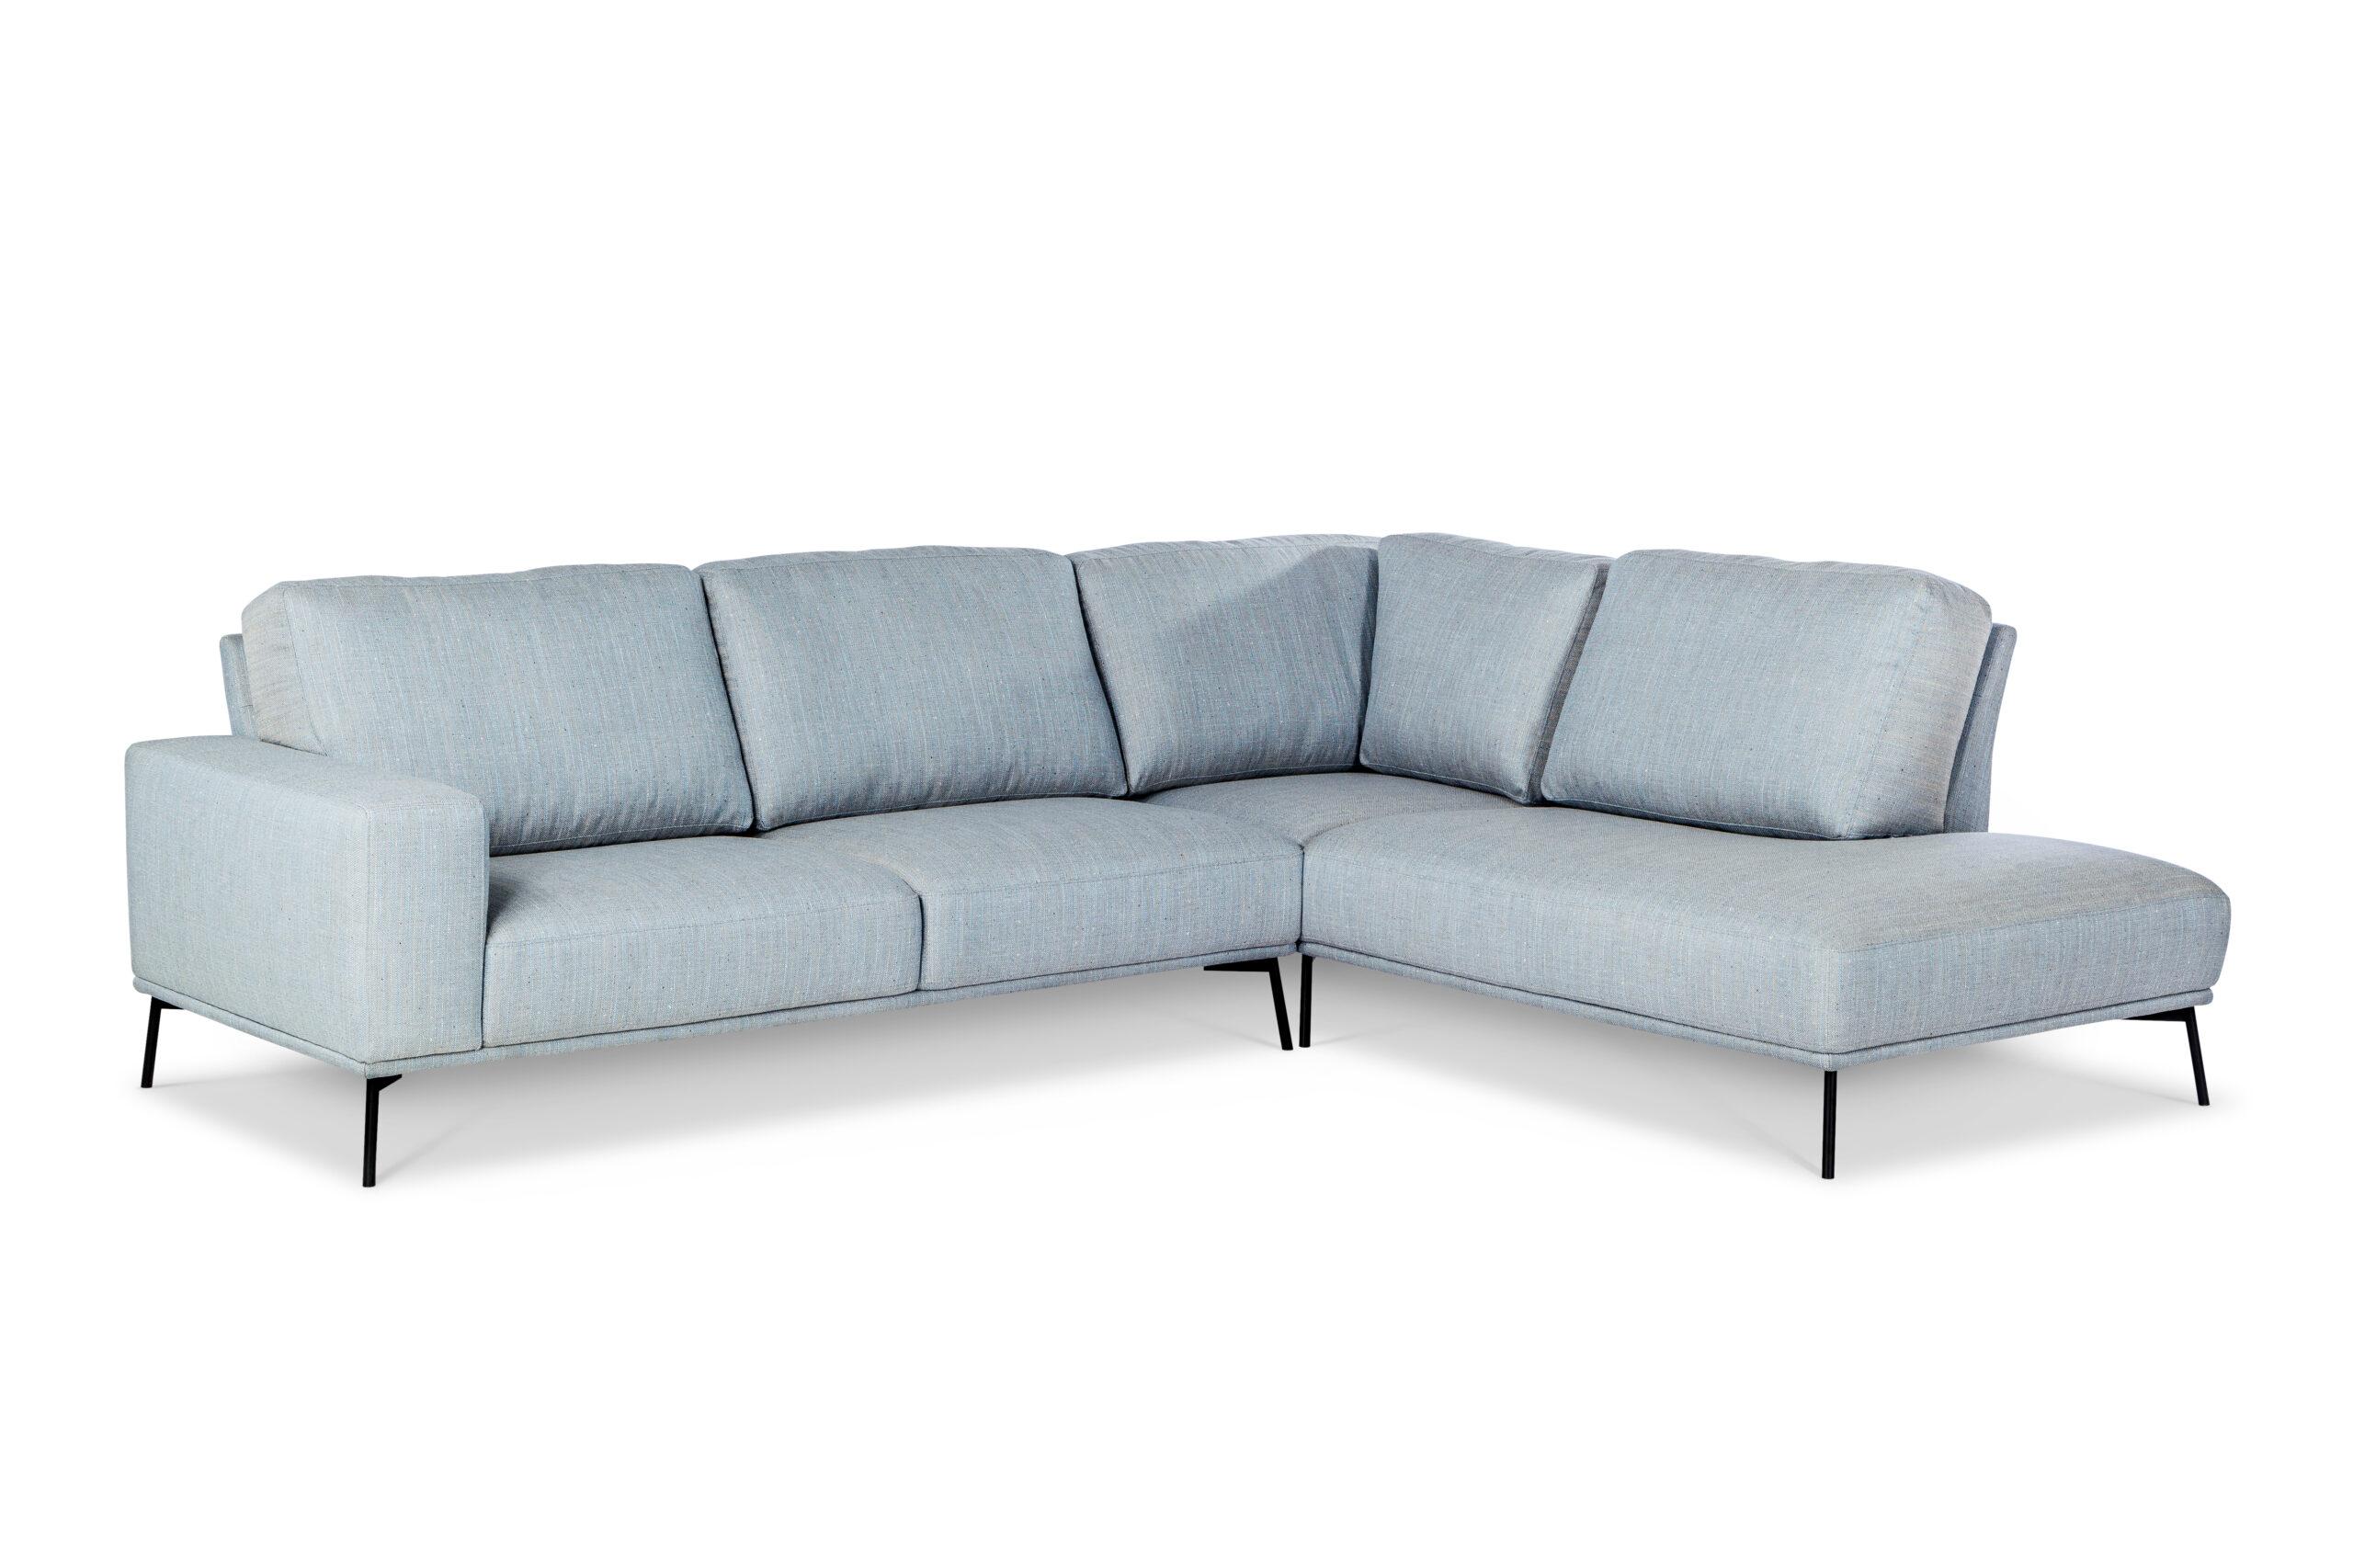 Full Size of Mondo Sofa Bellus Furniture Indomo Reinigen Garnitur 3 Teilig Hocker Minotti Goodlife Günstig Kaufen Big Leder Stressless Impressionen Mit Schlaffunktion Lila Sofa Mondo Sofa